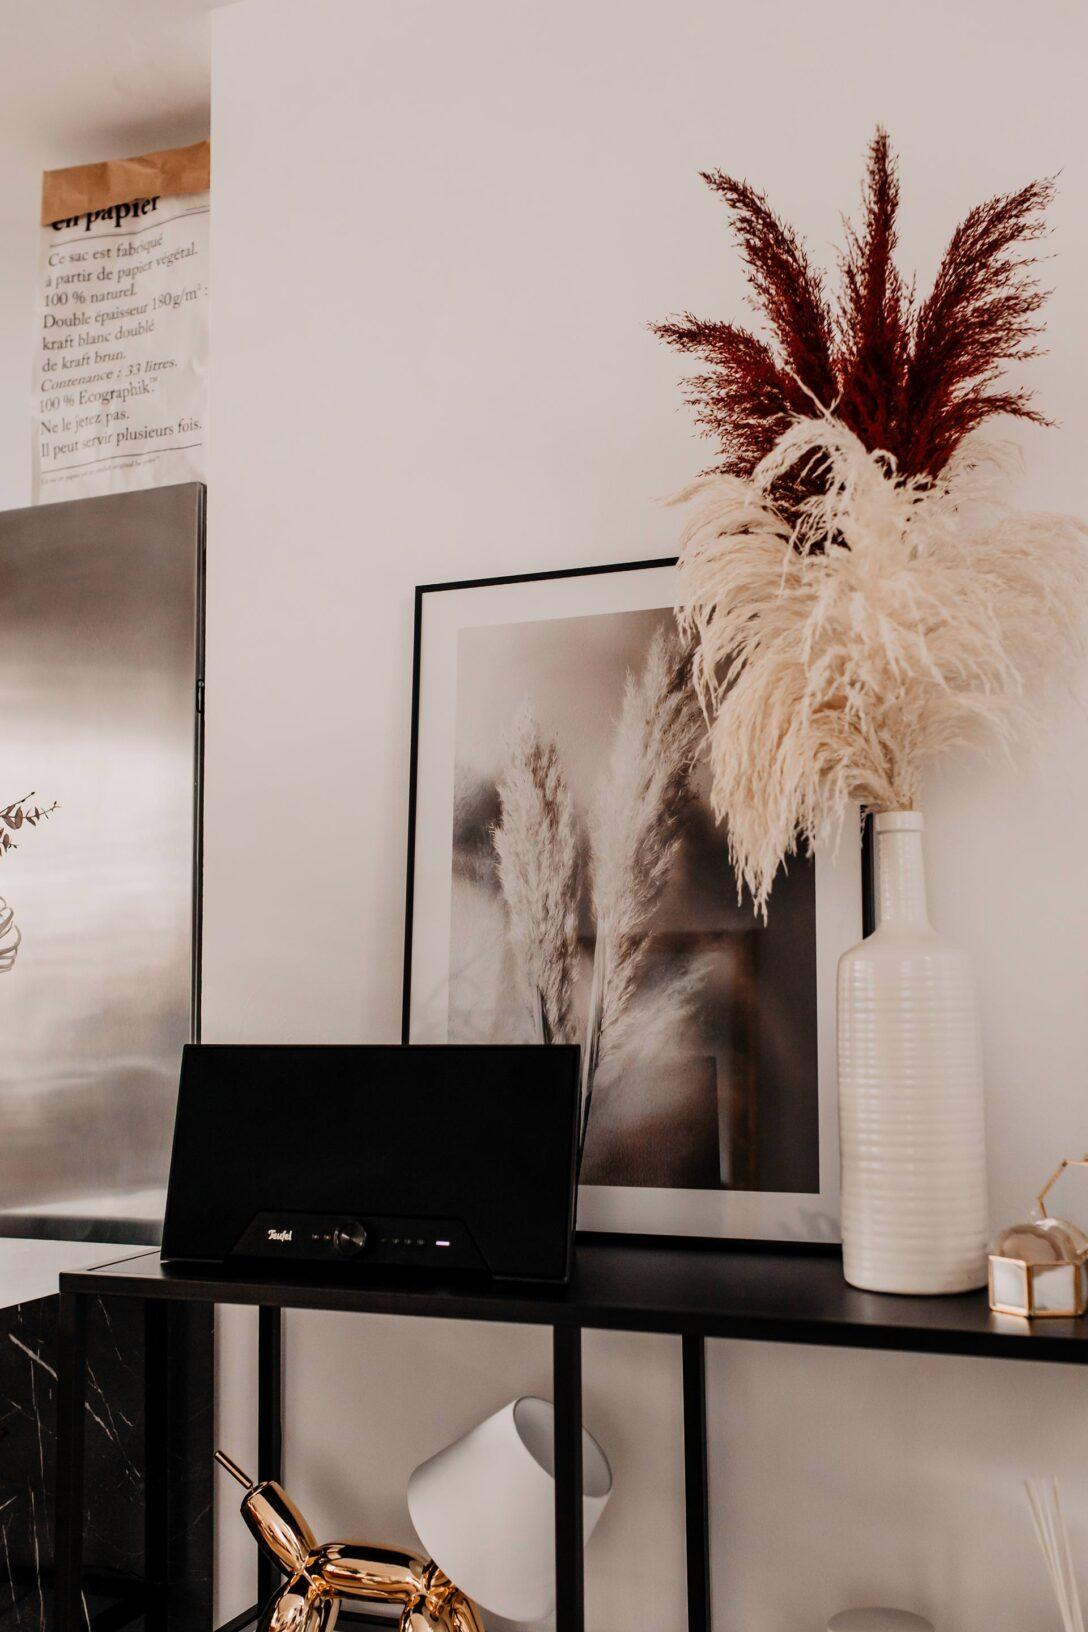 Large Size of Wandgestaltung Küche Mit Bildern Meine Ideen Fr Kche Und Wohnzimmer Rolladenschrank Holzbrett Eckschrank Günstig Elektrogeräten Tapeten Für Selbst Wohnzimmer Wandgestaltung Küche